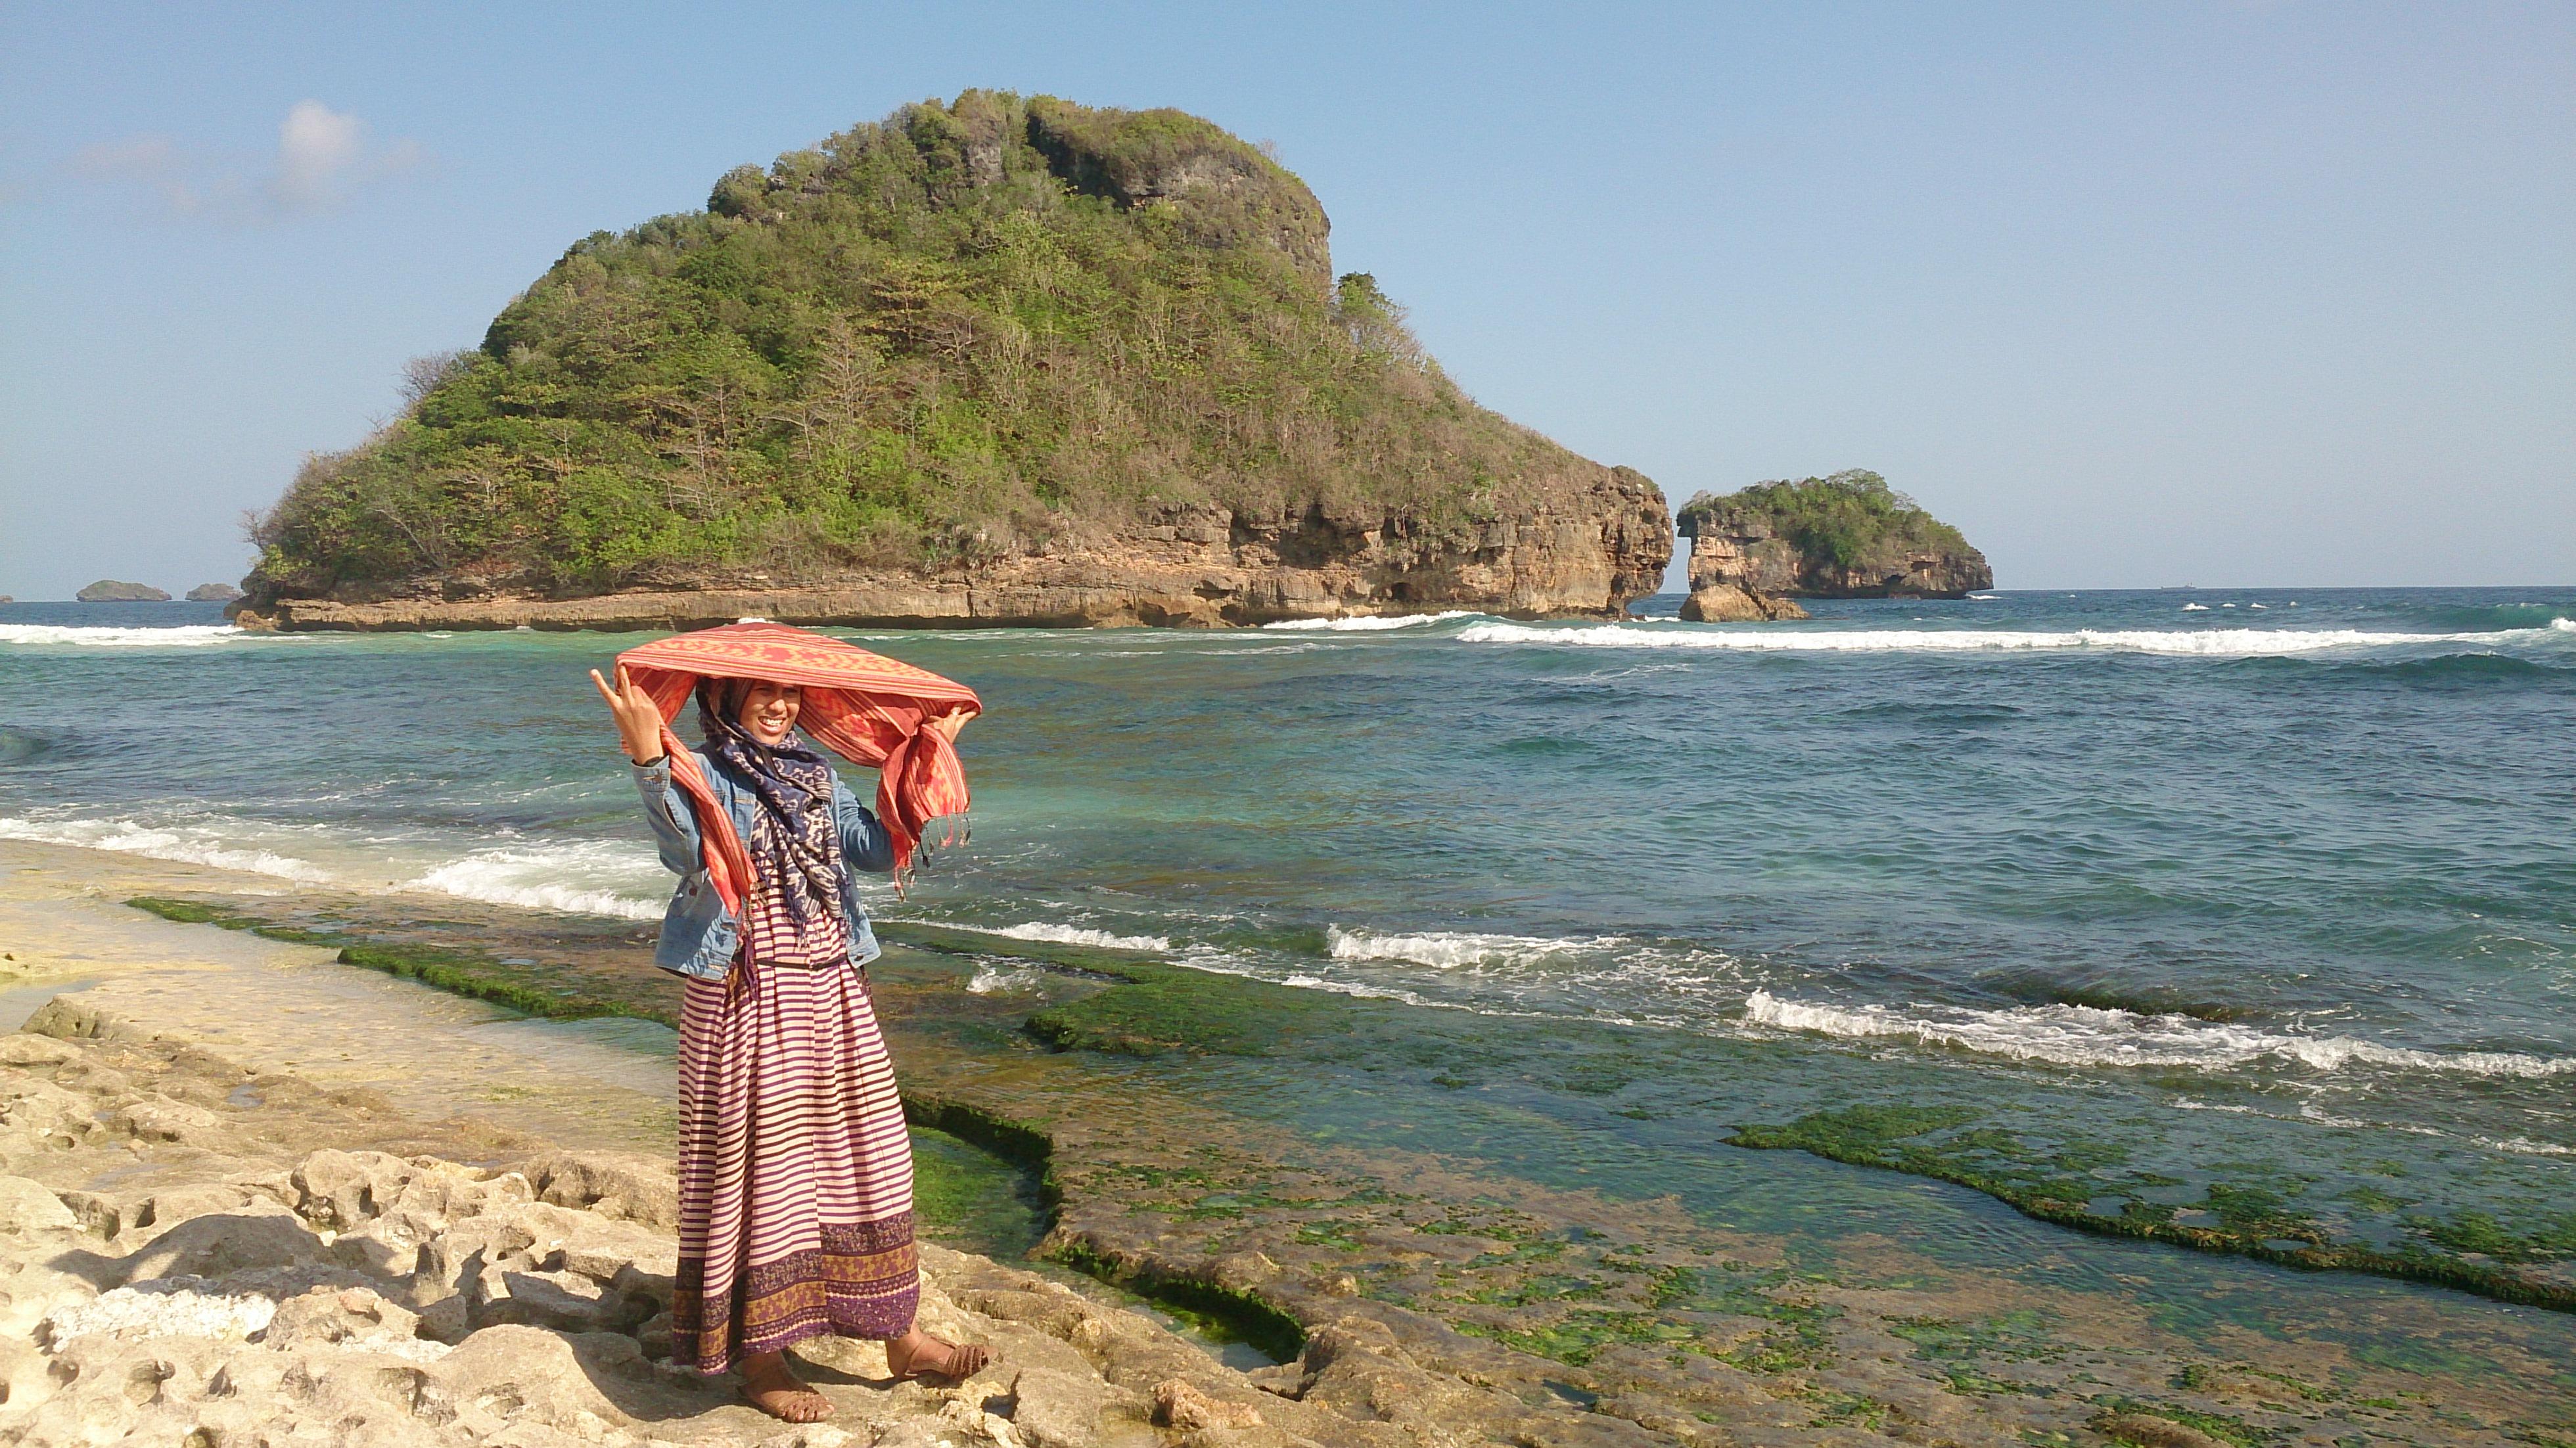 Pantai Goa Cina Jawa Timur Langit Bintang Mentari Kab Malang